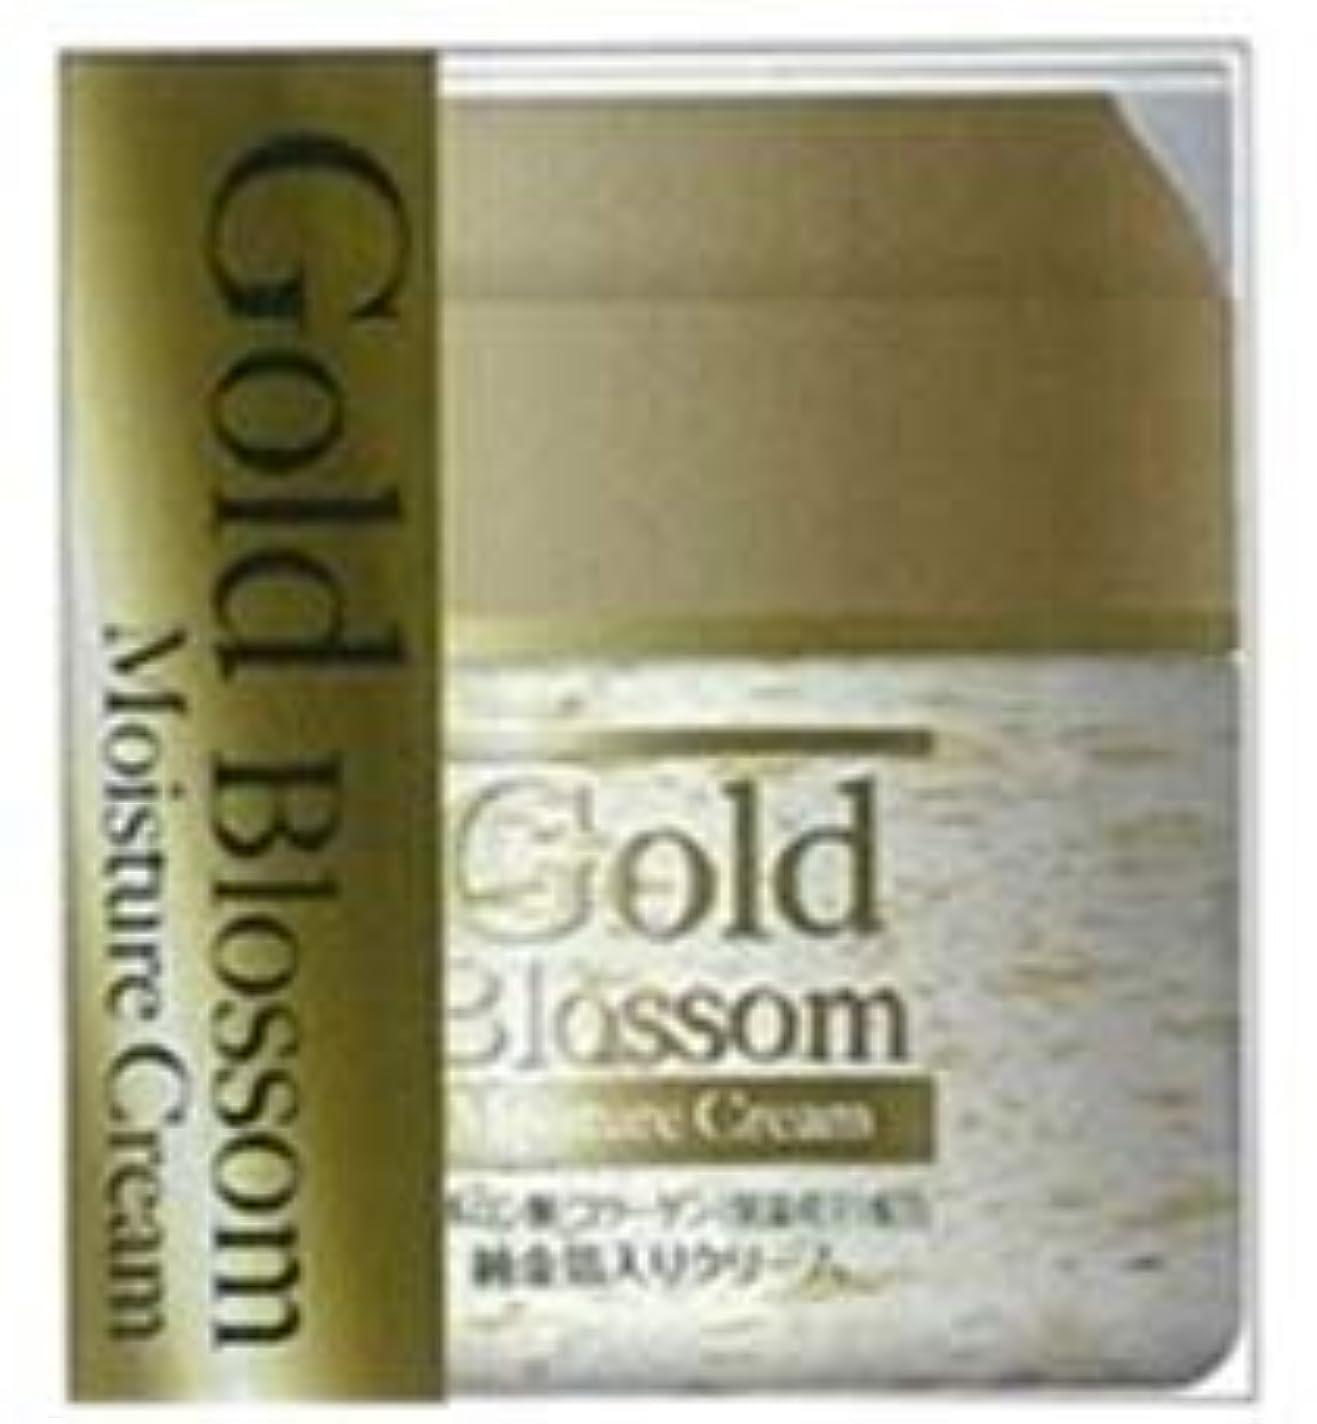 成熟島闘争Gold Blossom 保湿クリーム